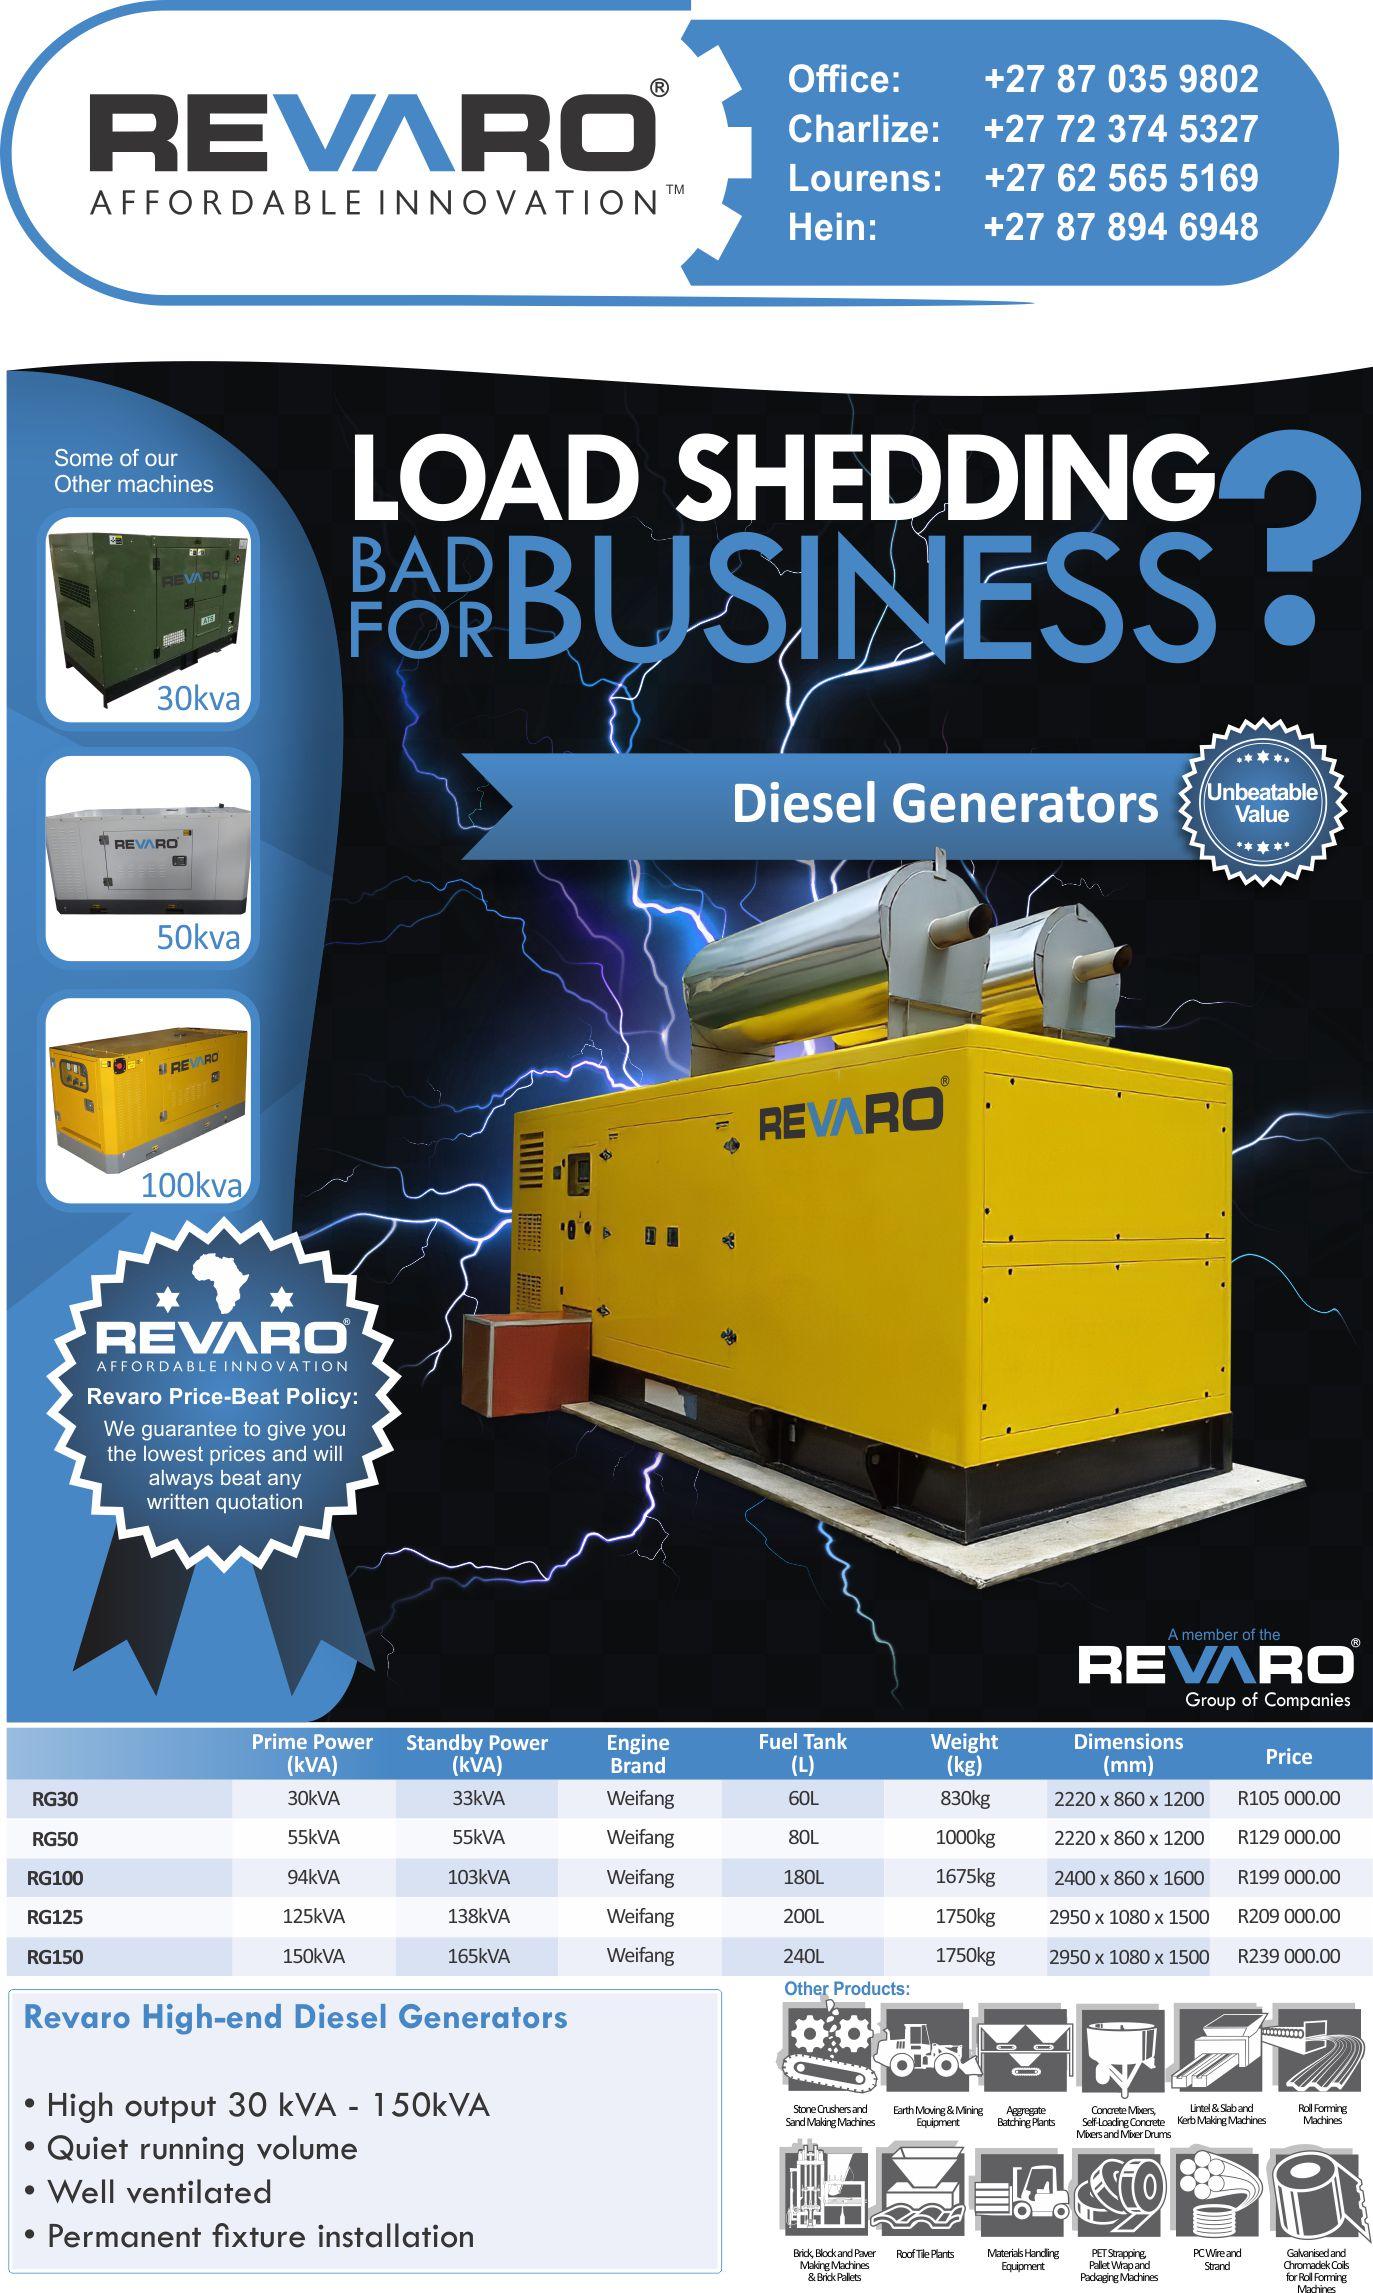 Revaro High-end Diesel Generators